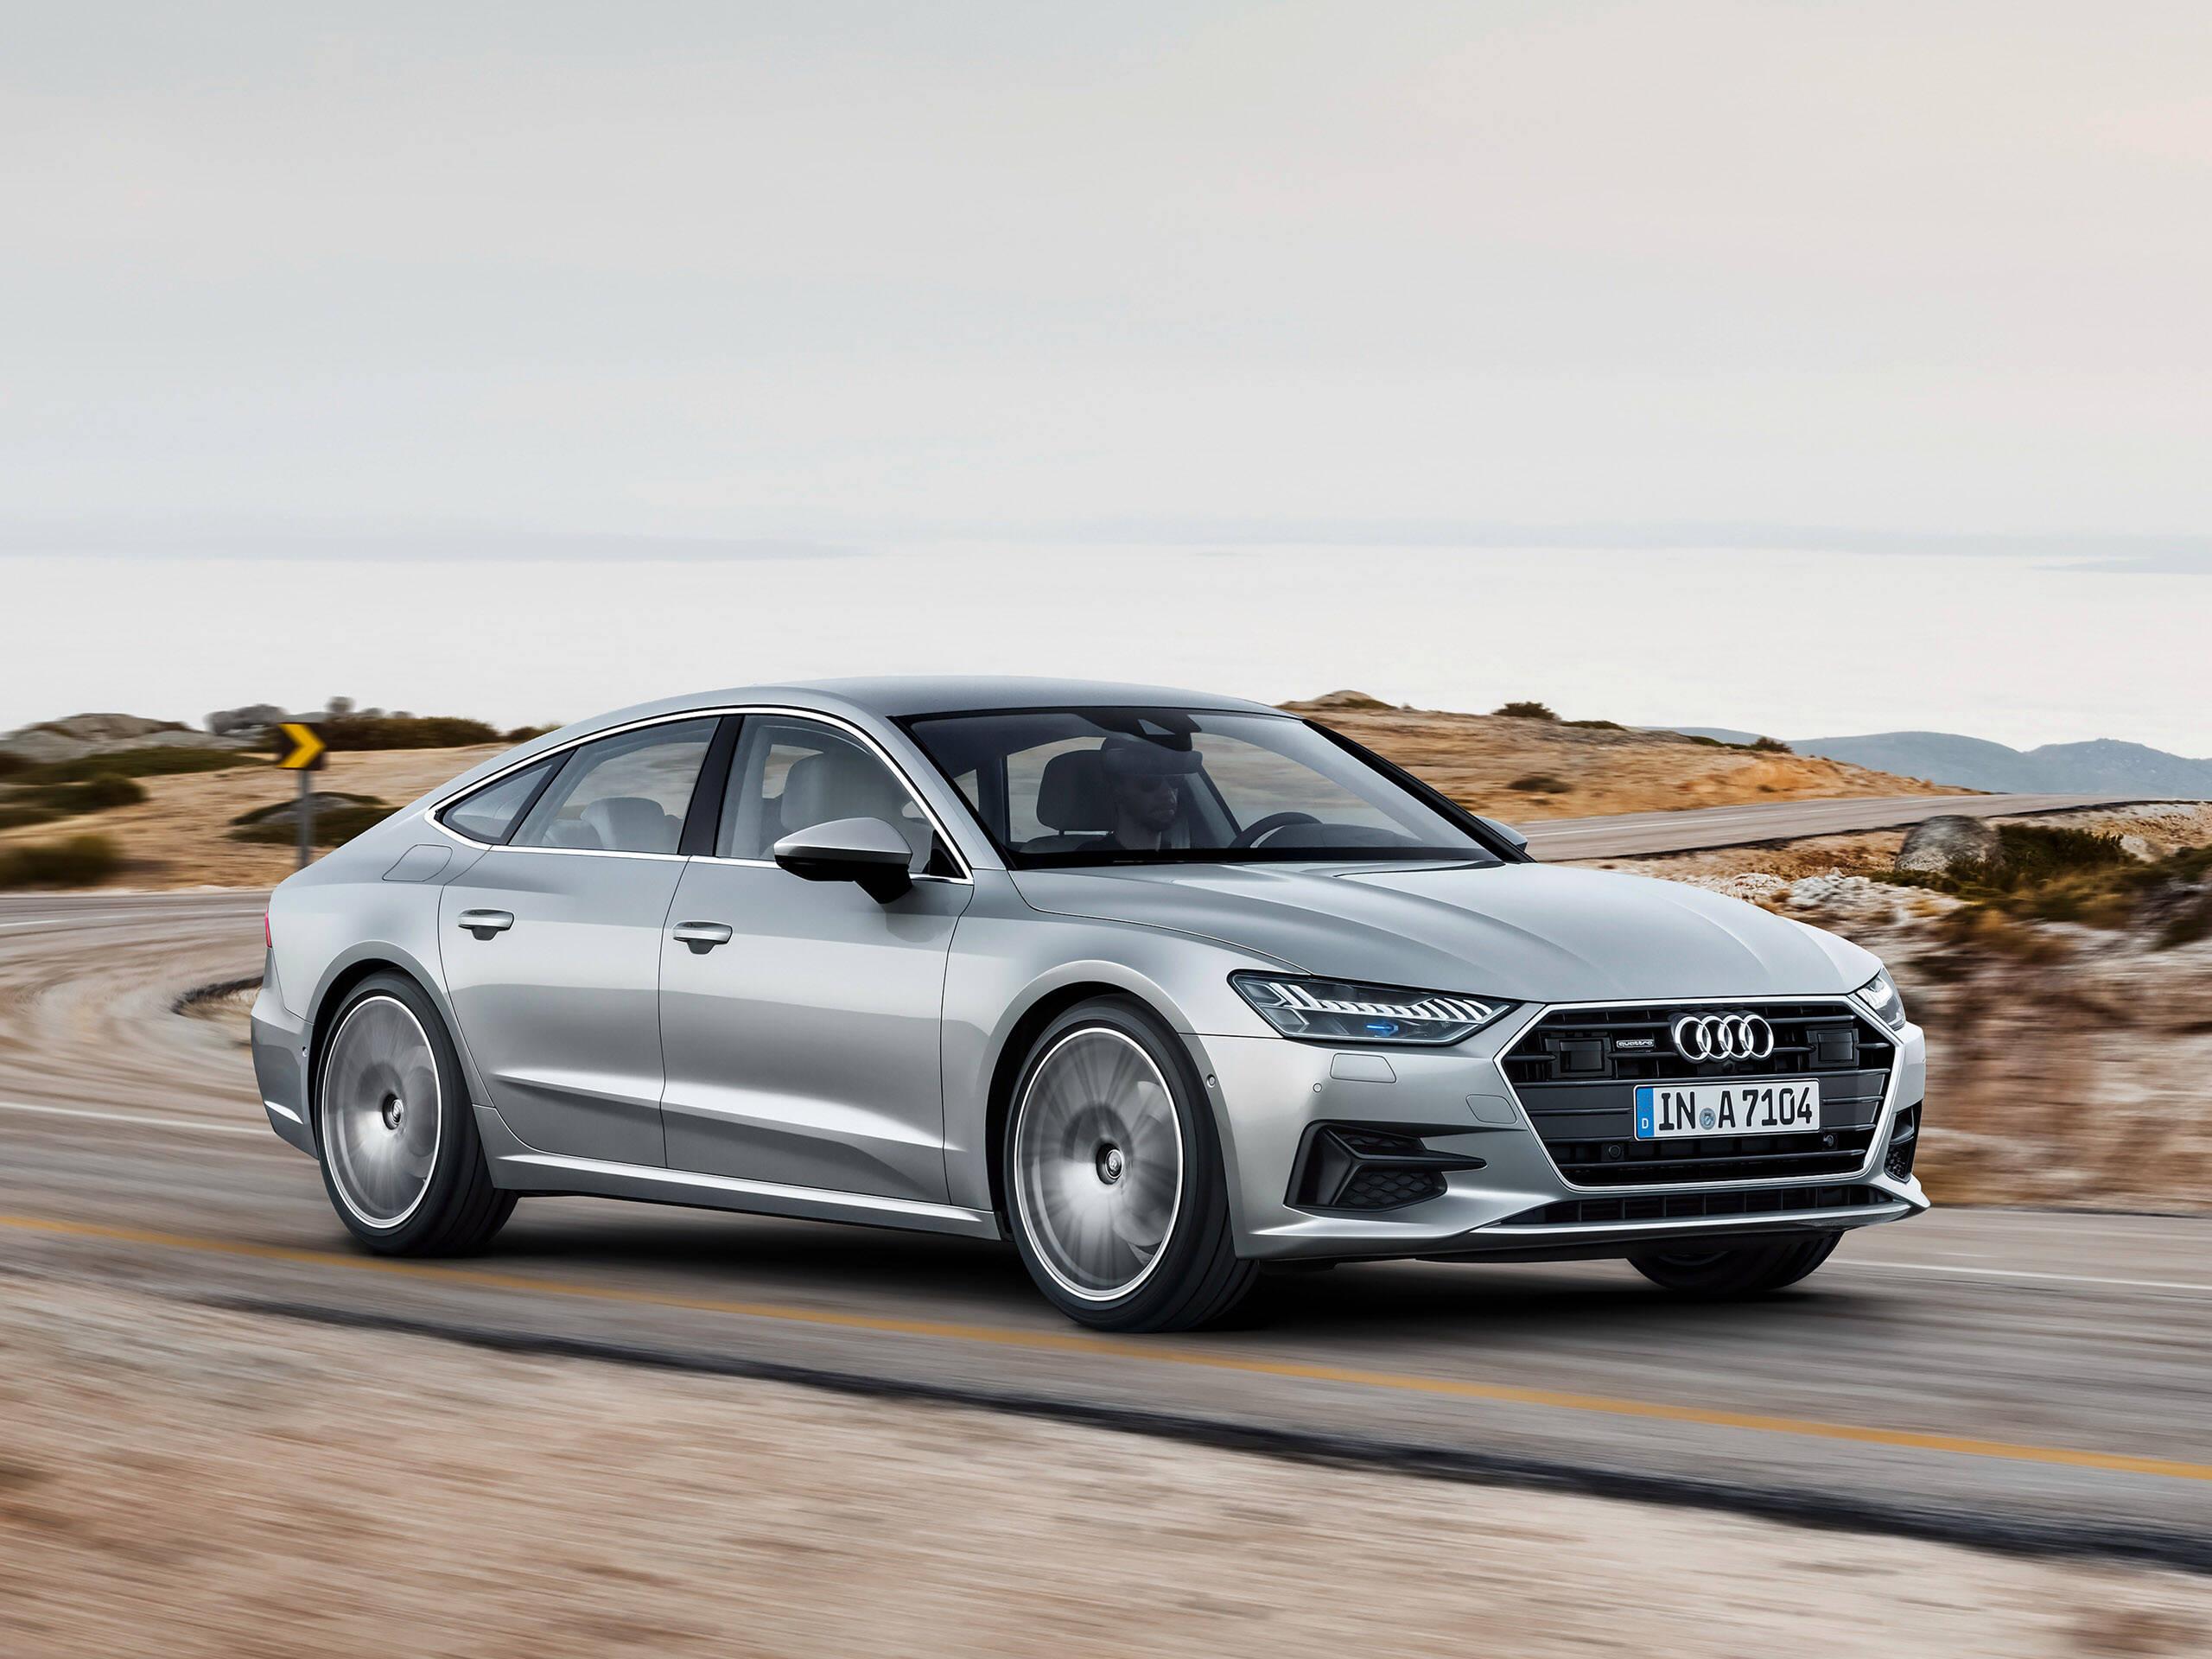 Audi A7 Sportback: nova geração passa a ficar bem mais leve e sofisticada, o que inclui sistema semi-autônomo. Foto: Divulgação